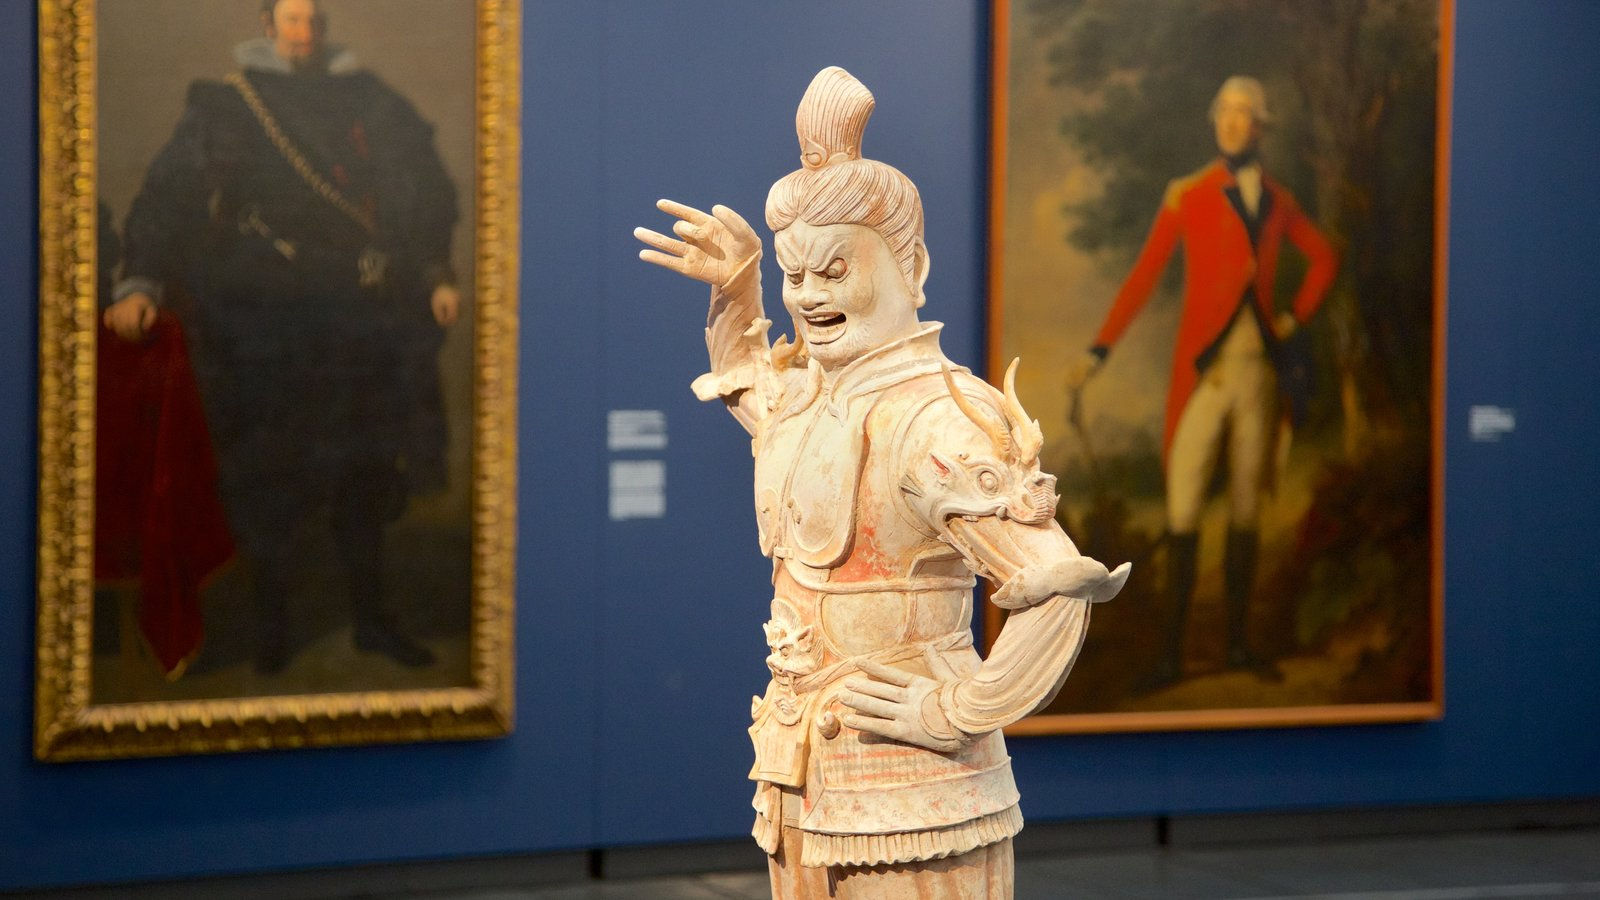 Museu de Arte Moderna que inclui vistas internas, uma estátua ou escultura e arte